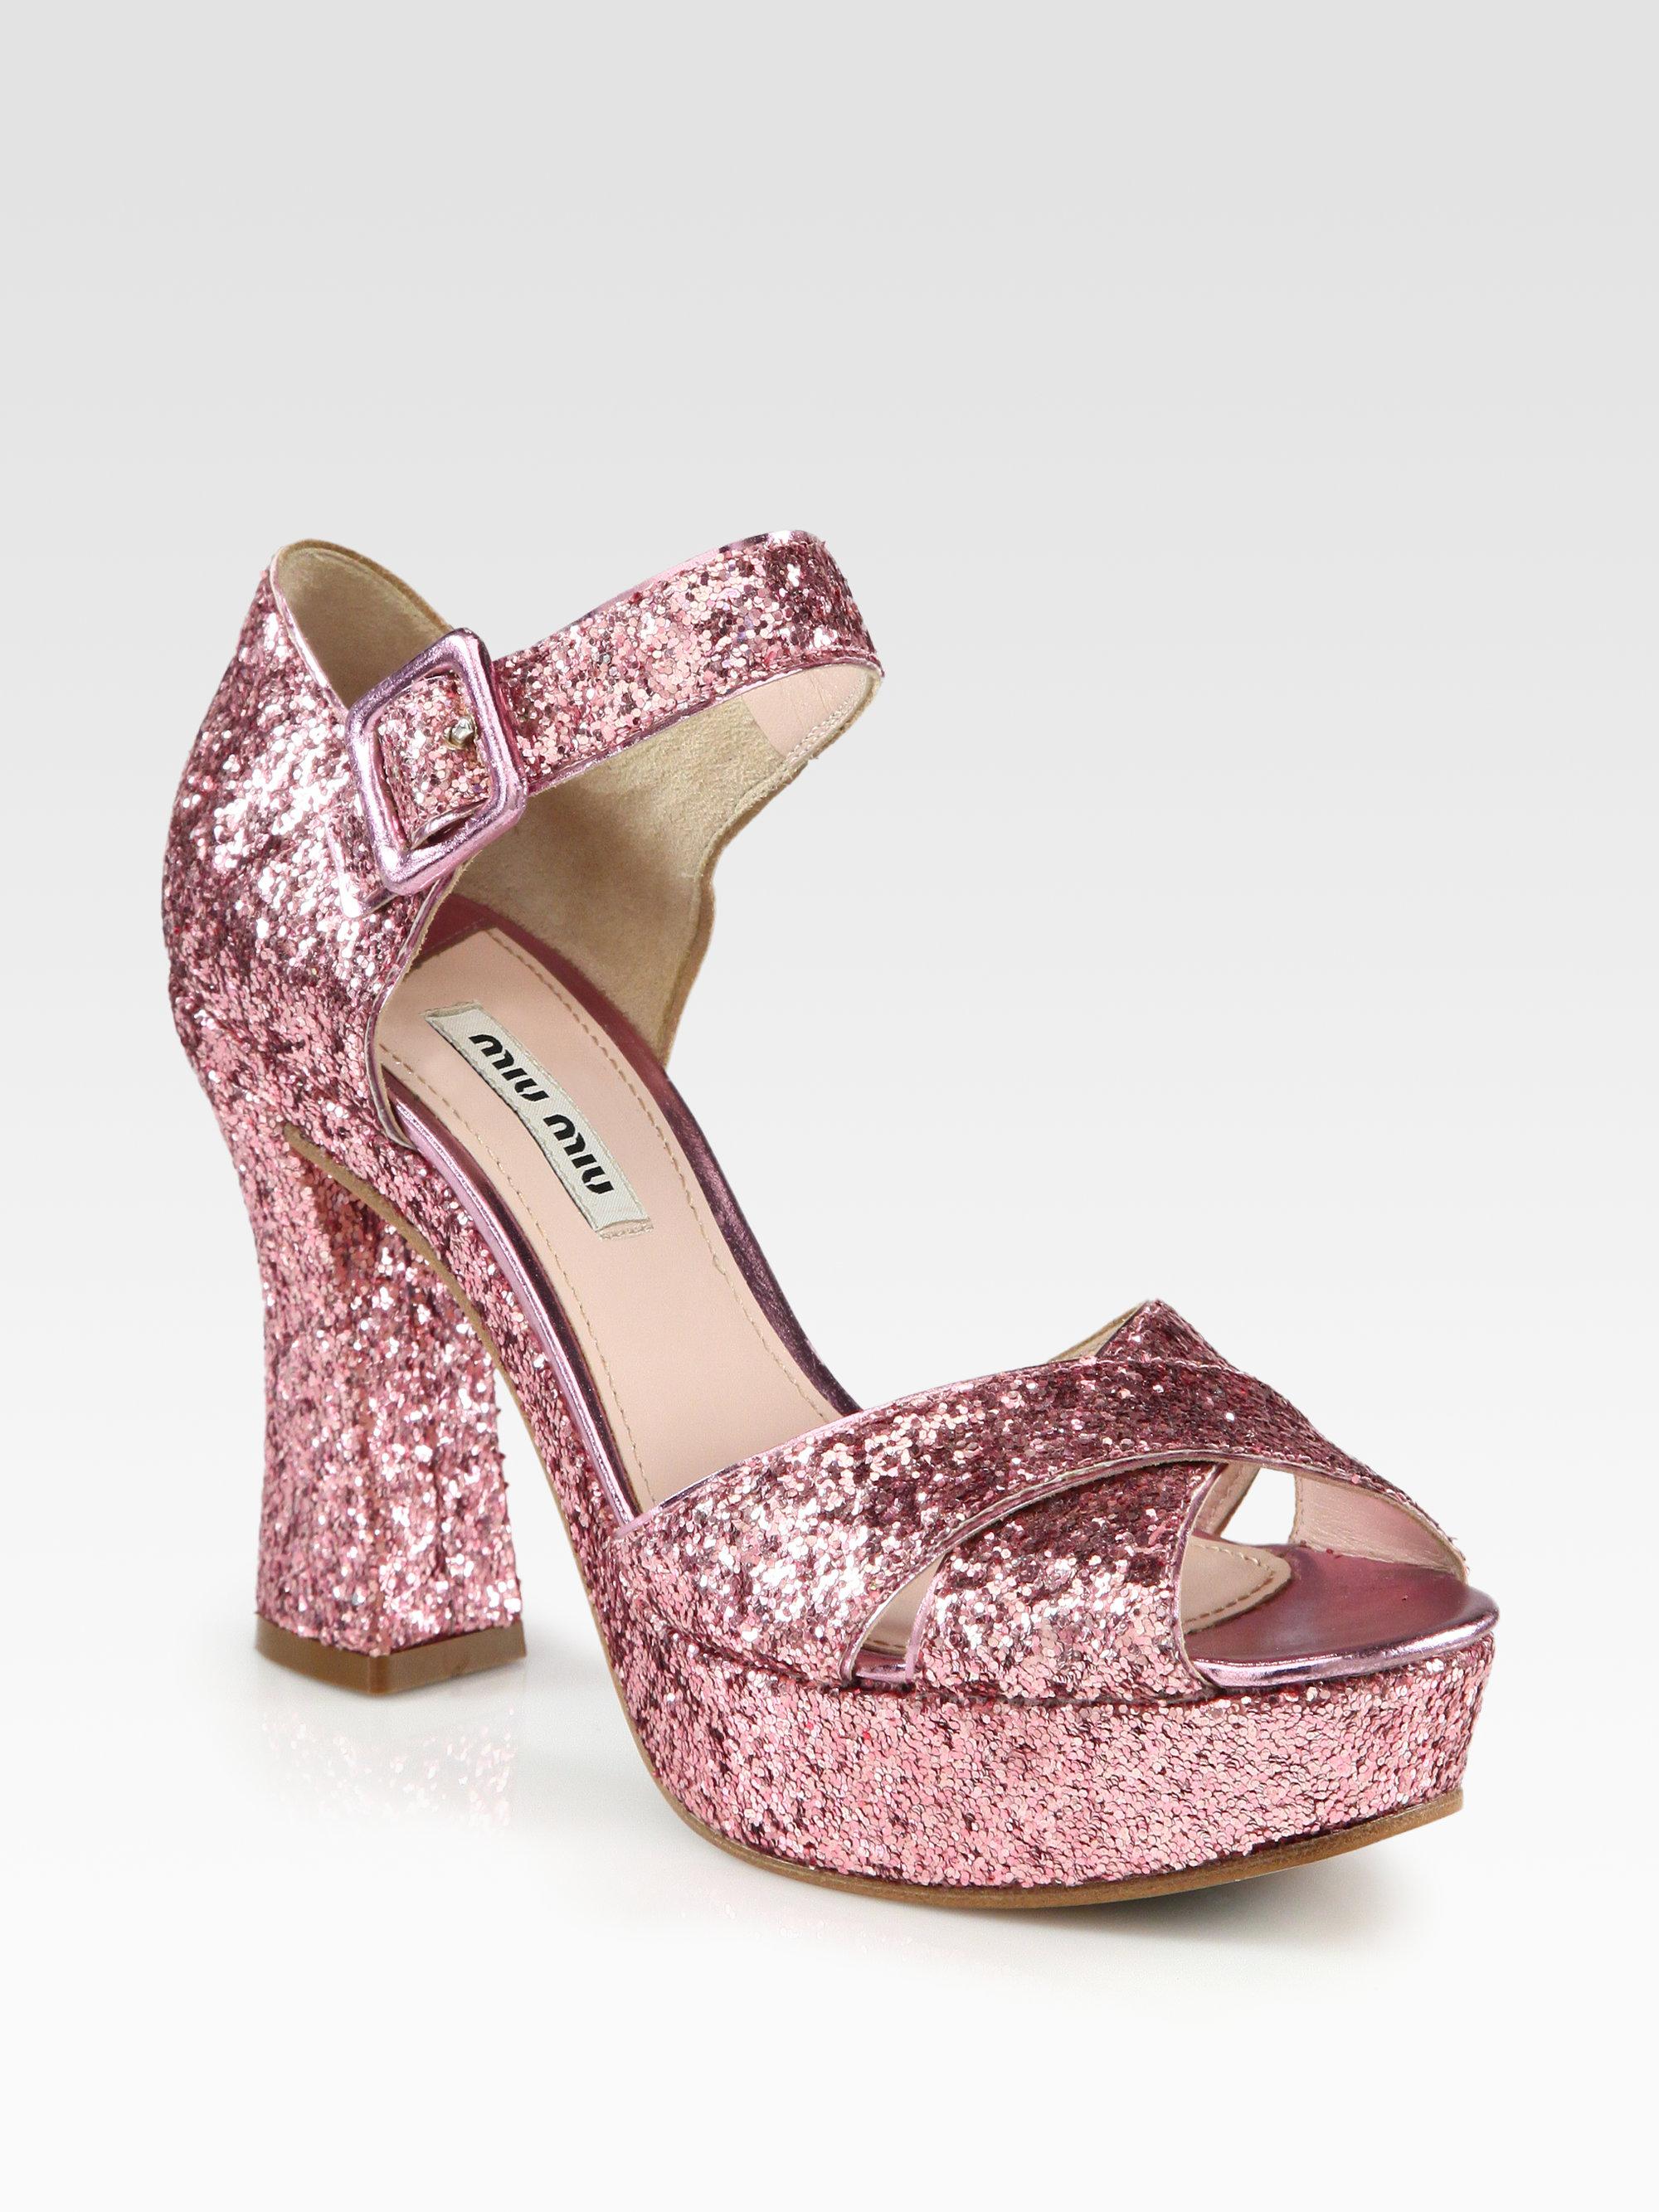 Miu Miu Glittered platform sandals